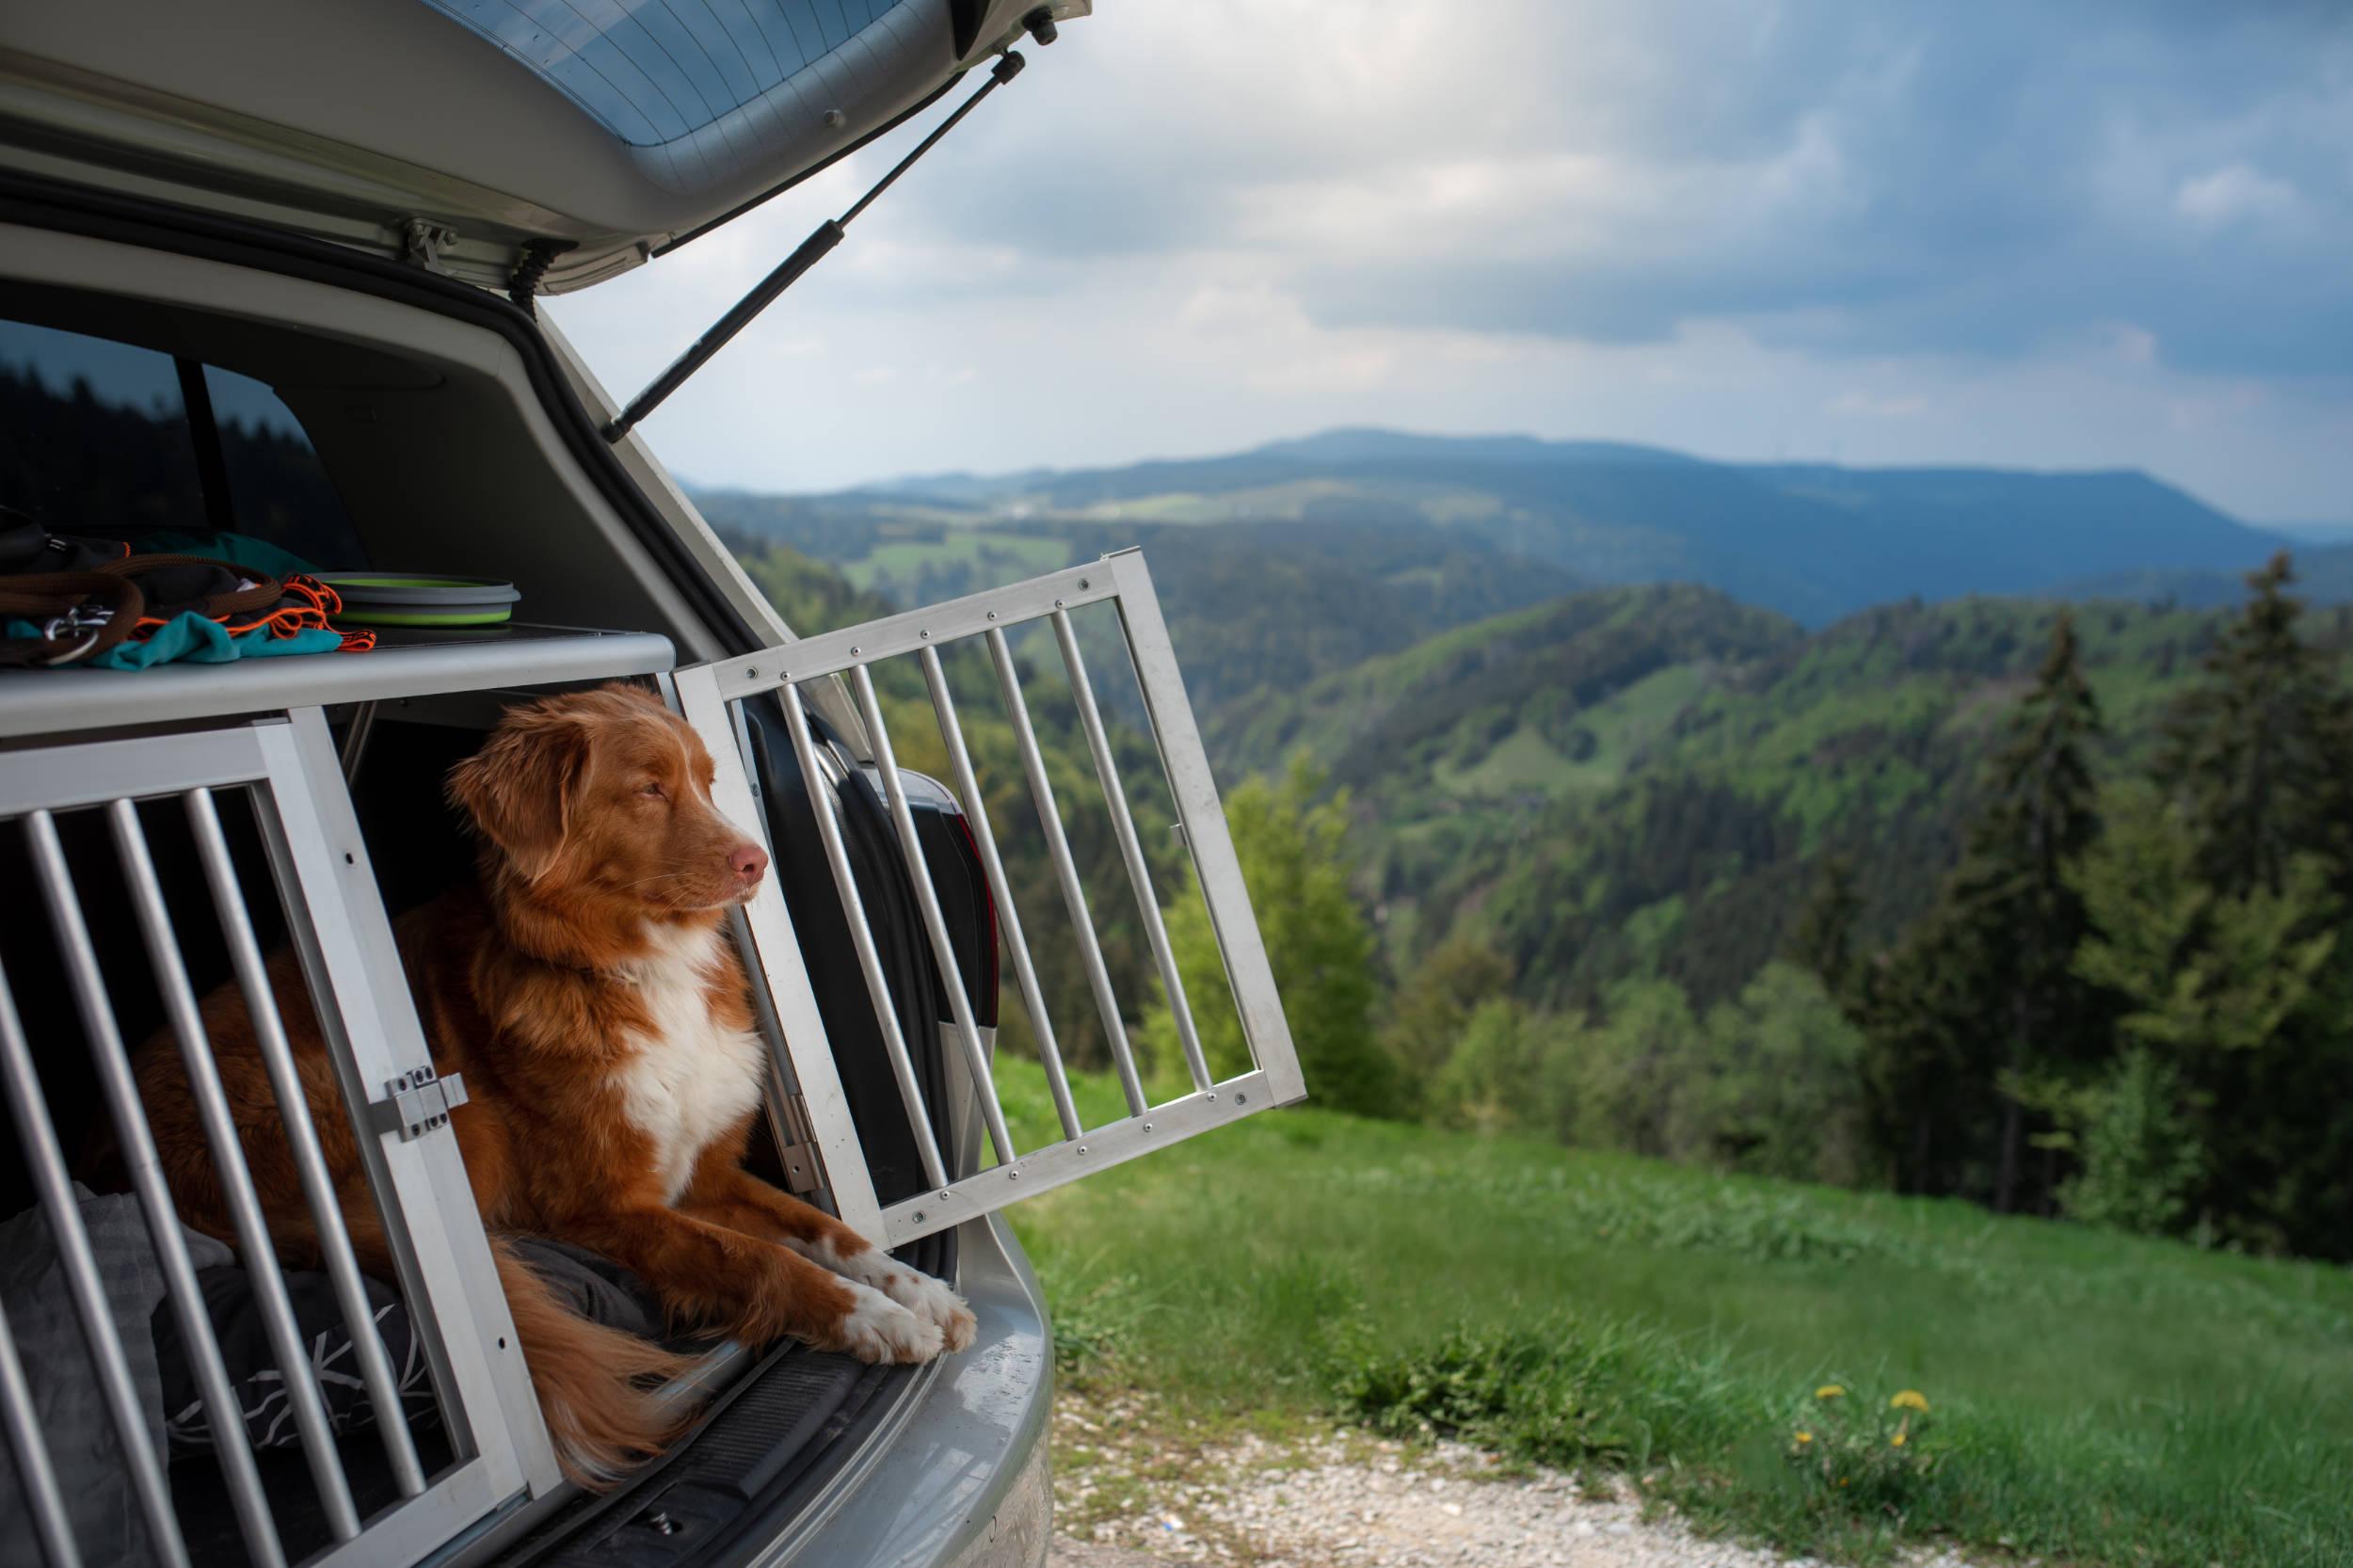 Habilitation pour le transport des animaux vivants (TAV)